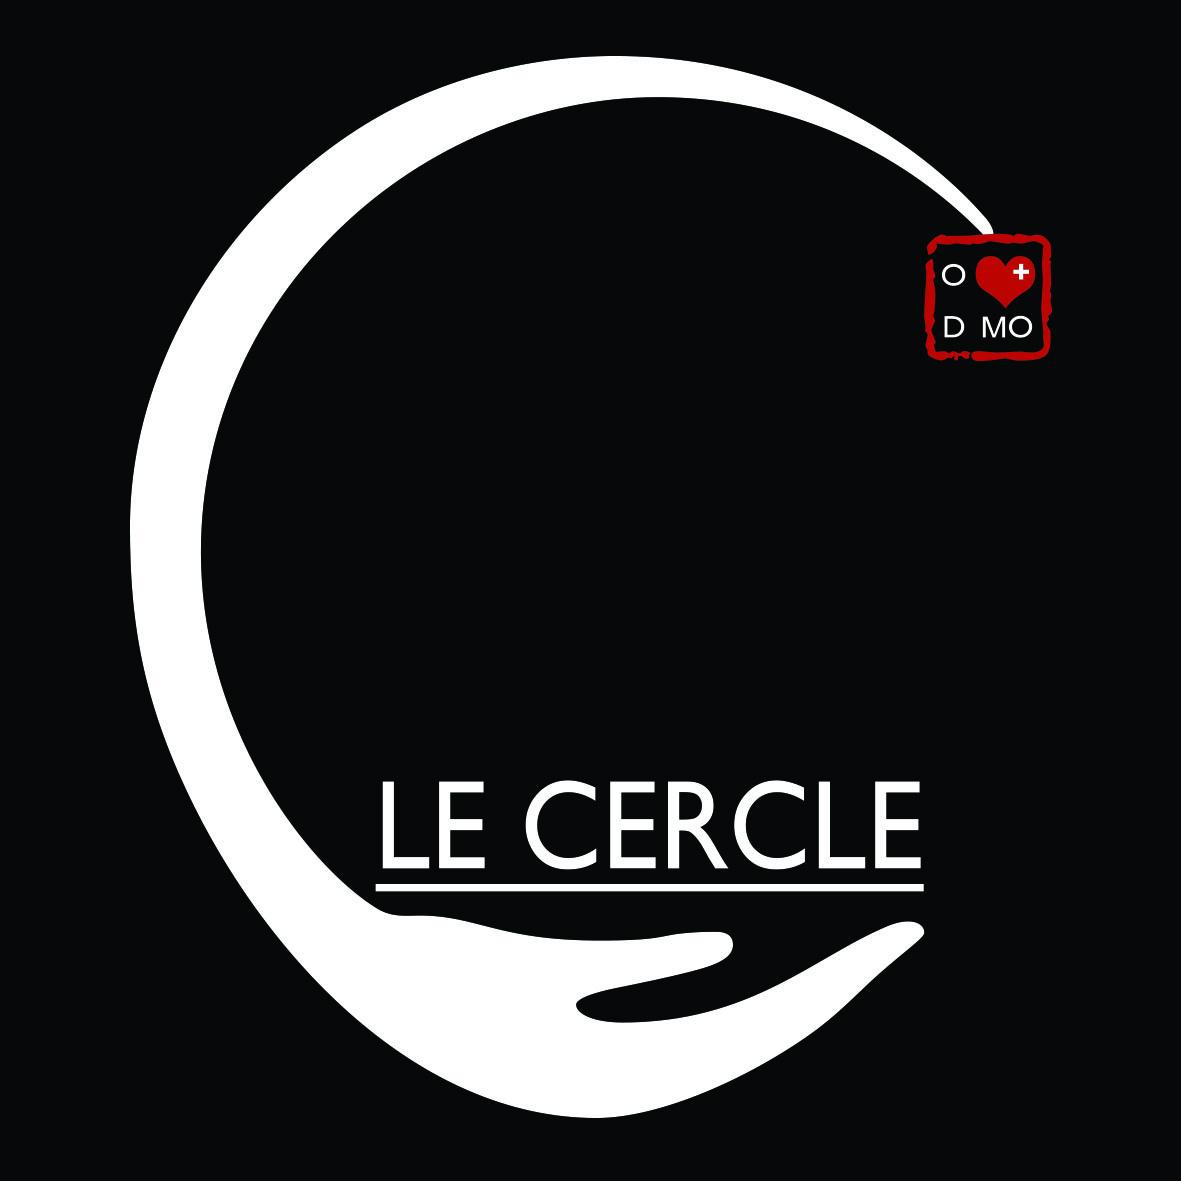 LOGO - Le Cercle